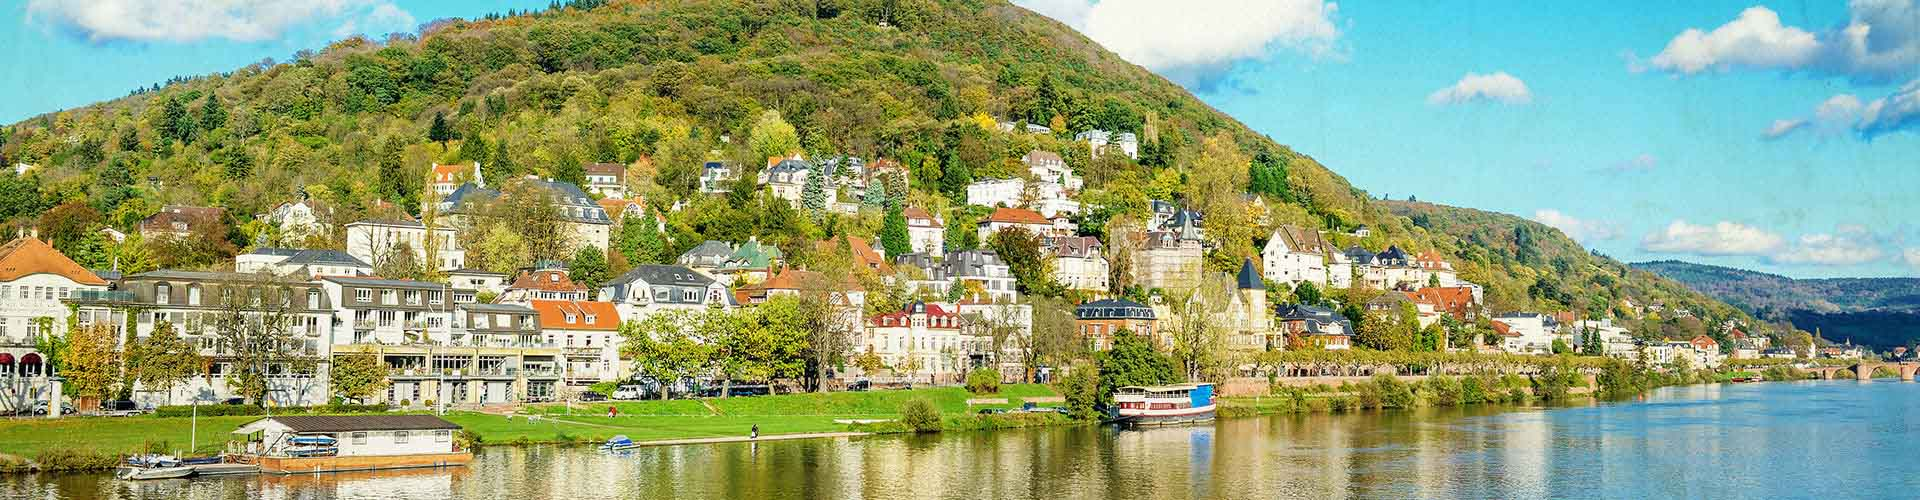 Heidelberg - Habitaciones en Heidelberg. Mapas de Heidelberg, Fotos y comentarios de cada Habitación en Heidelberg.